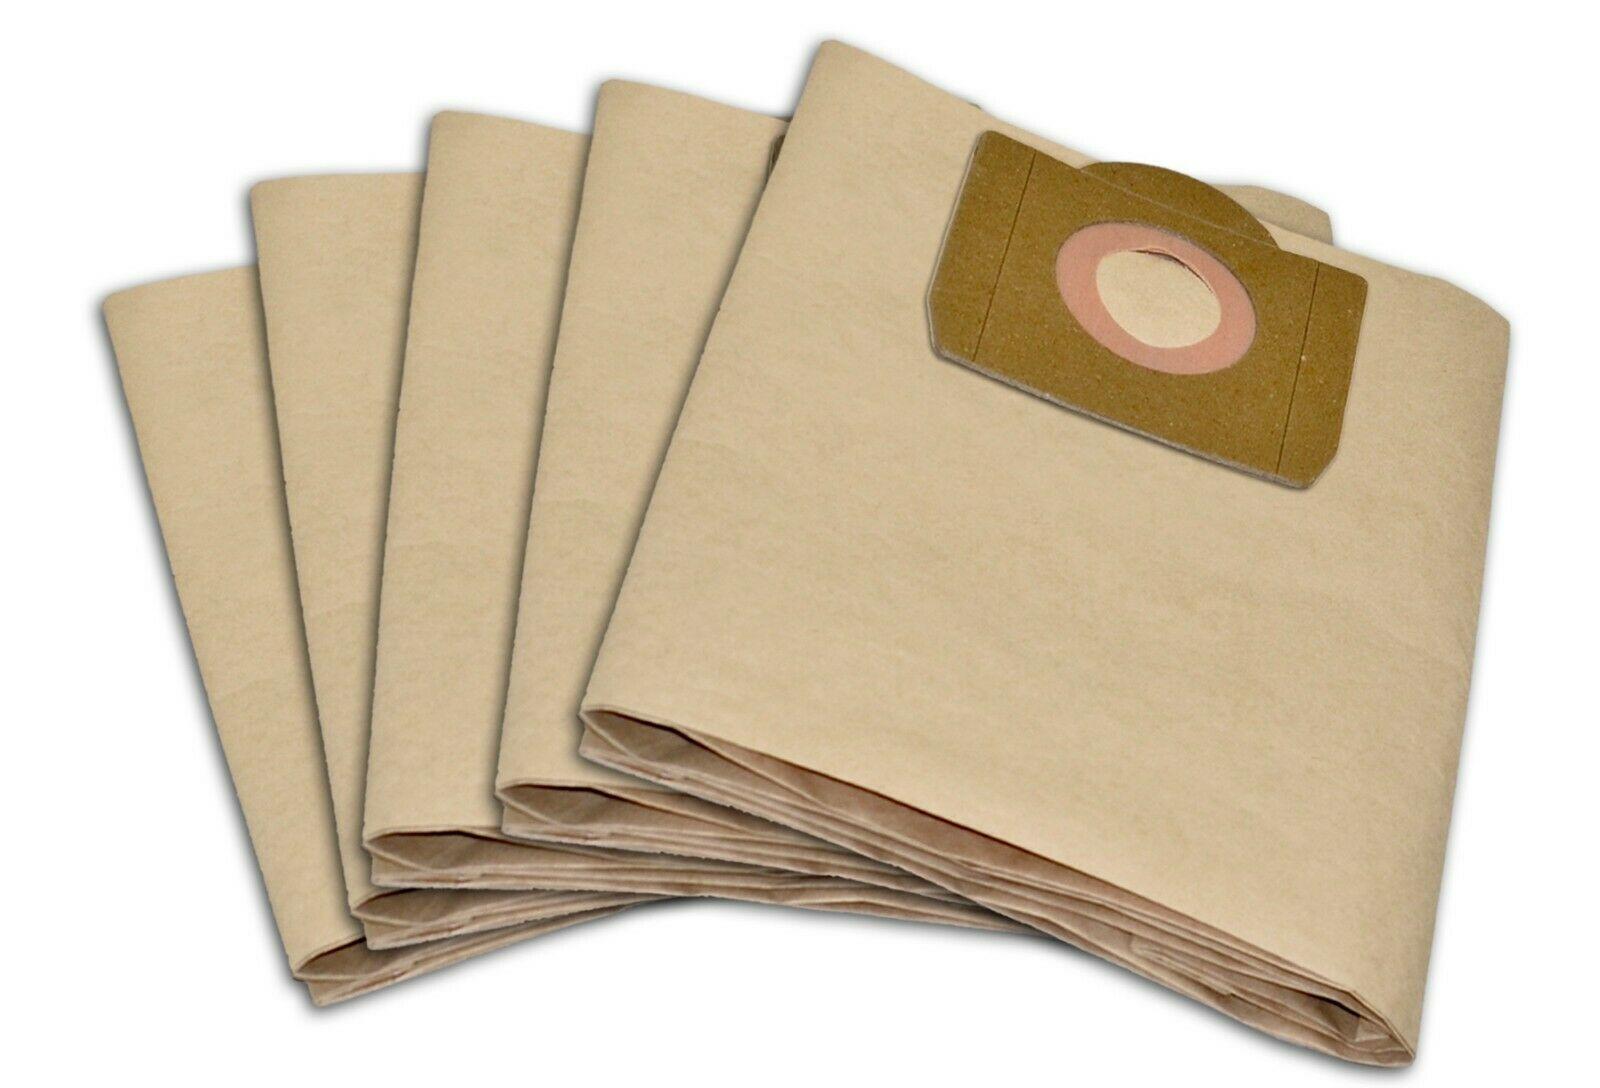 5 sacs pour aspirateur de Parkside pour PNTS 1300 a1 1250 1250//9 Nouveau Filtre Sacs